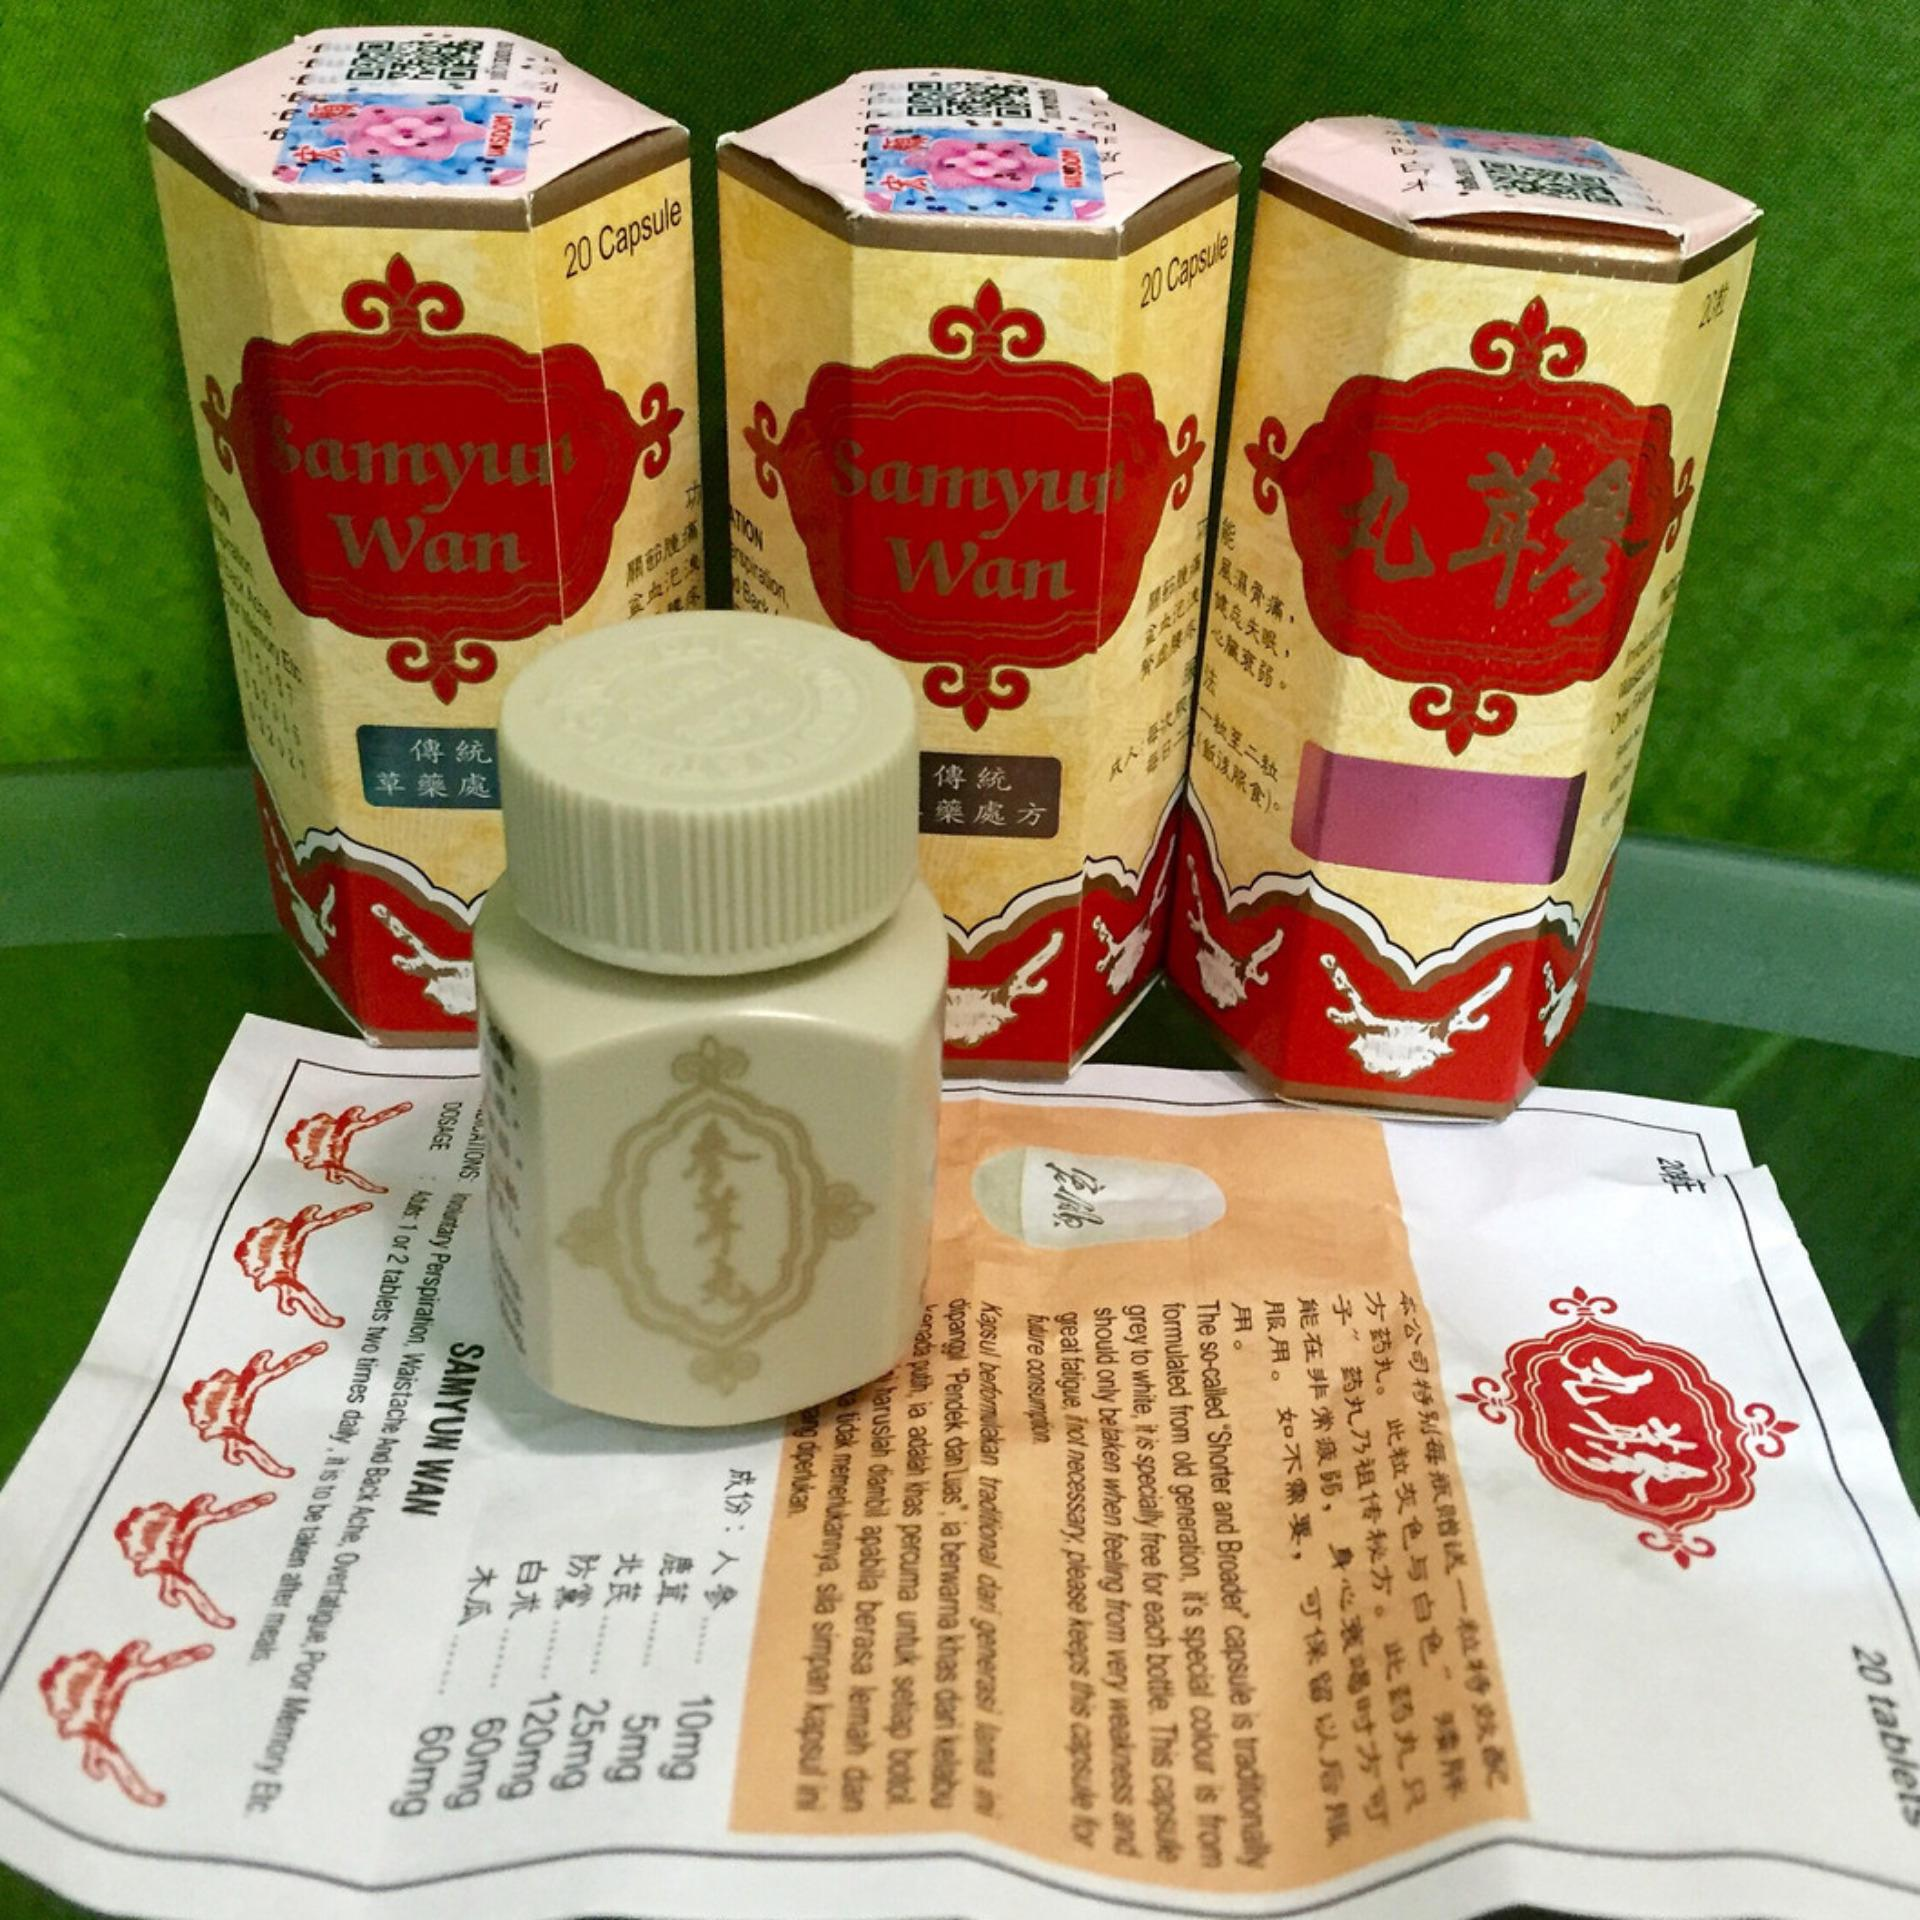 Jual Suplemen Penambah Berat Badan Samyunwan Sam Yun Wan Yu Samyuwan Wisdom Kilap Original Obat Nafsu Makan Penggemuk Herbal Halal